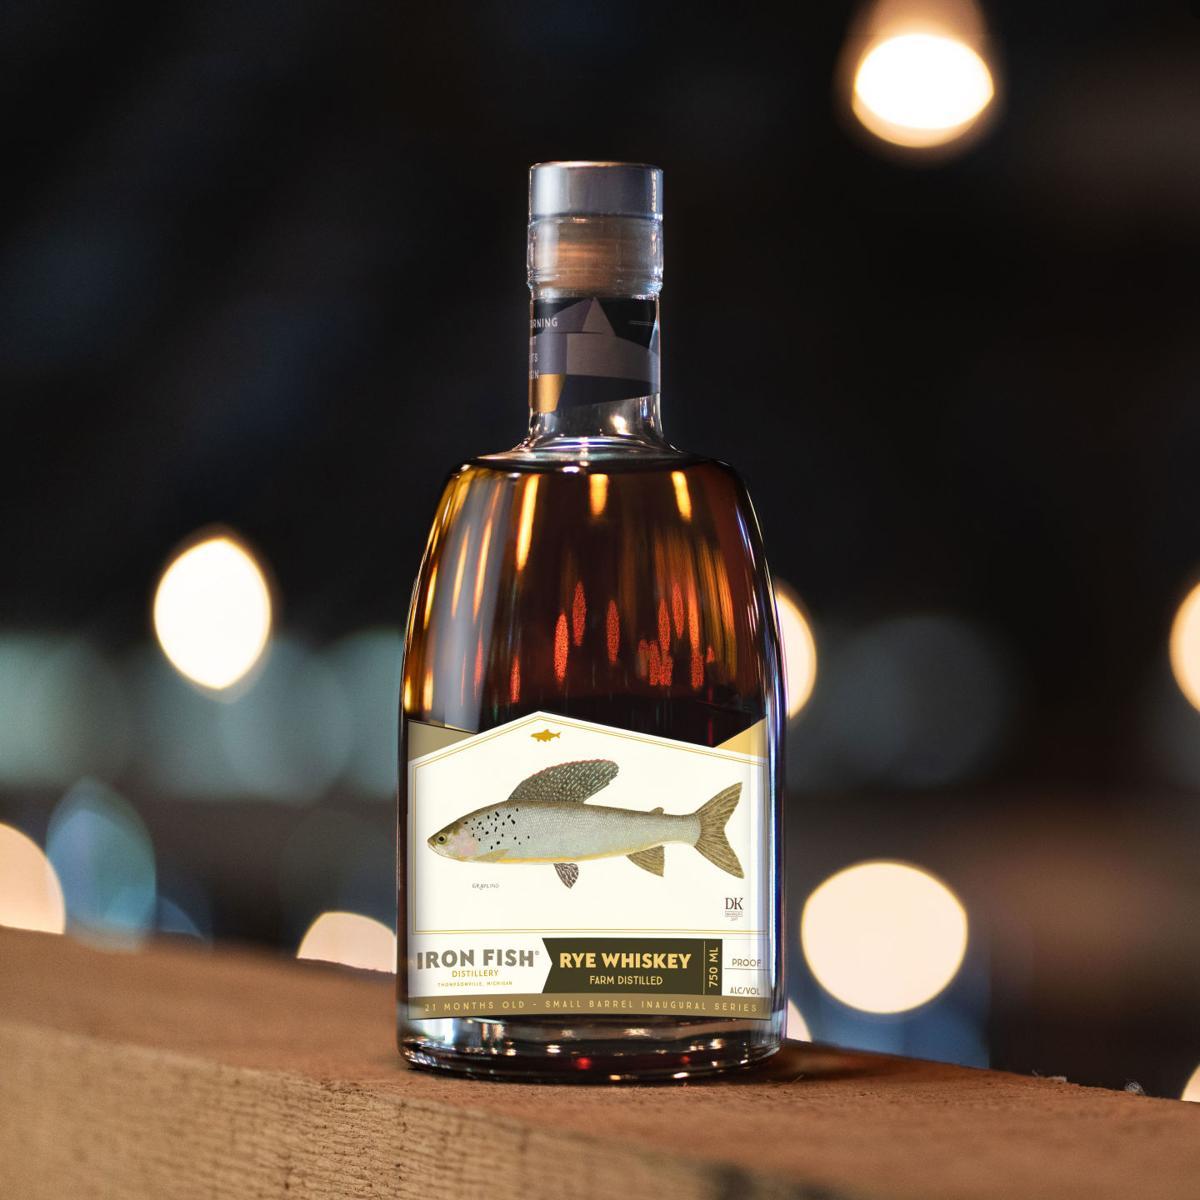 Iron Fish Rye Whiskey